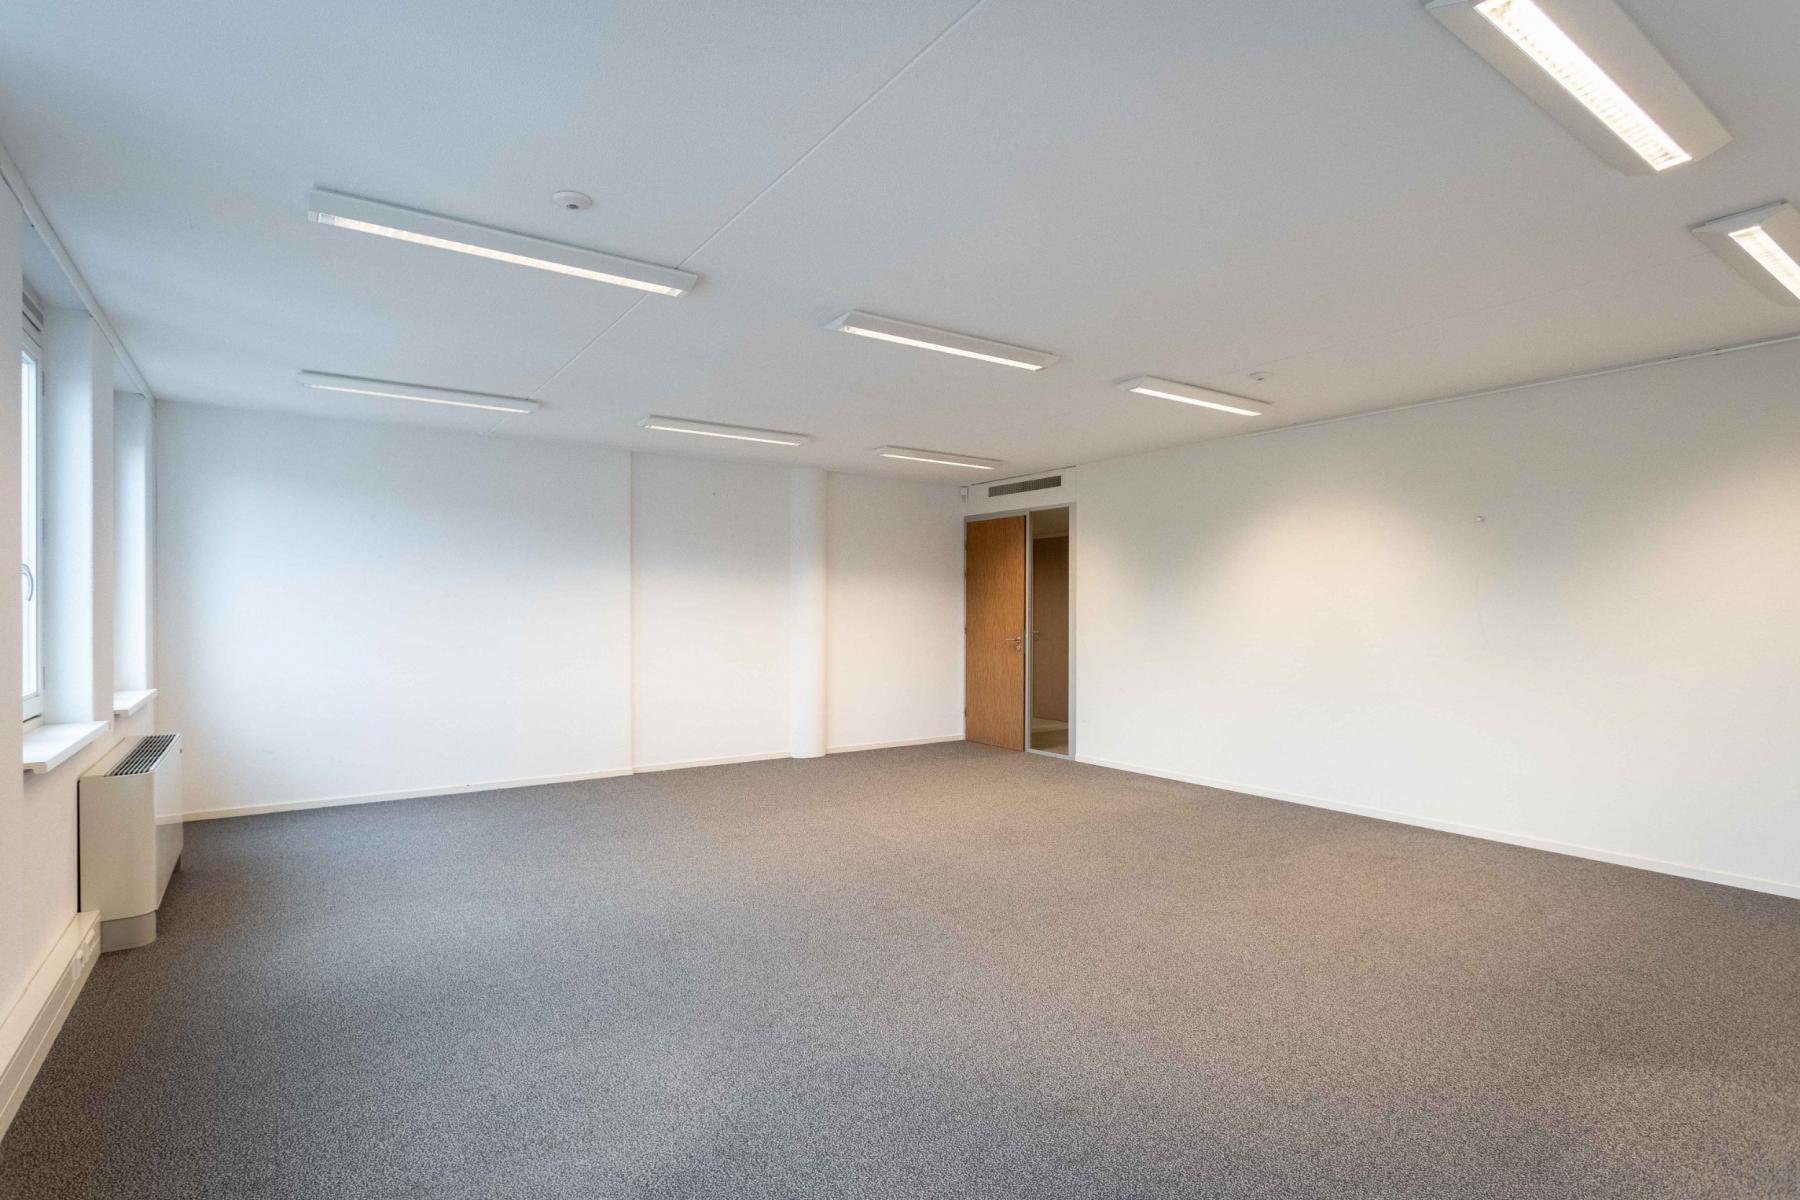 zelf in te richten kantoorruimte modern strak netjes